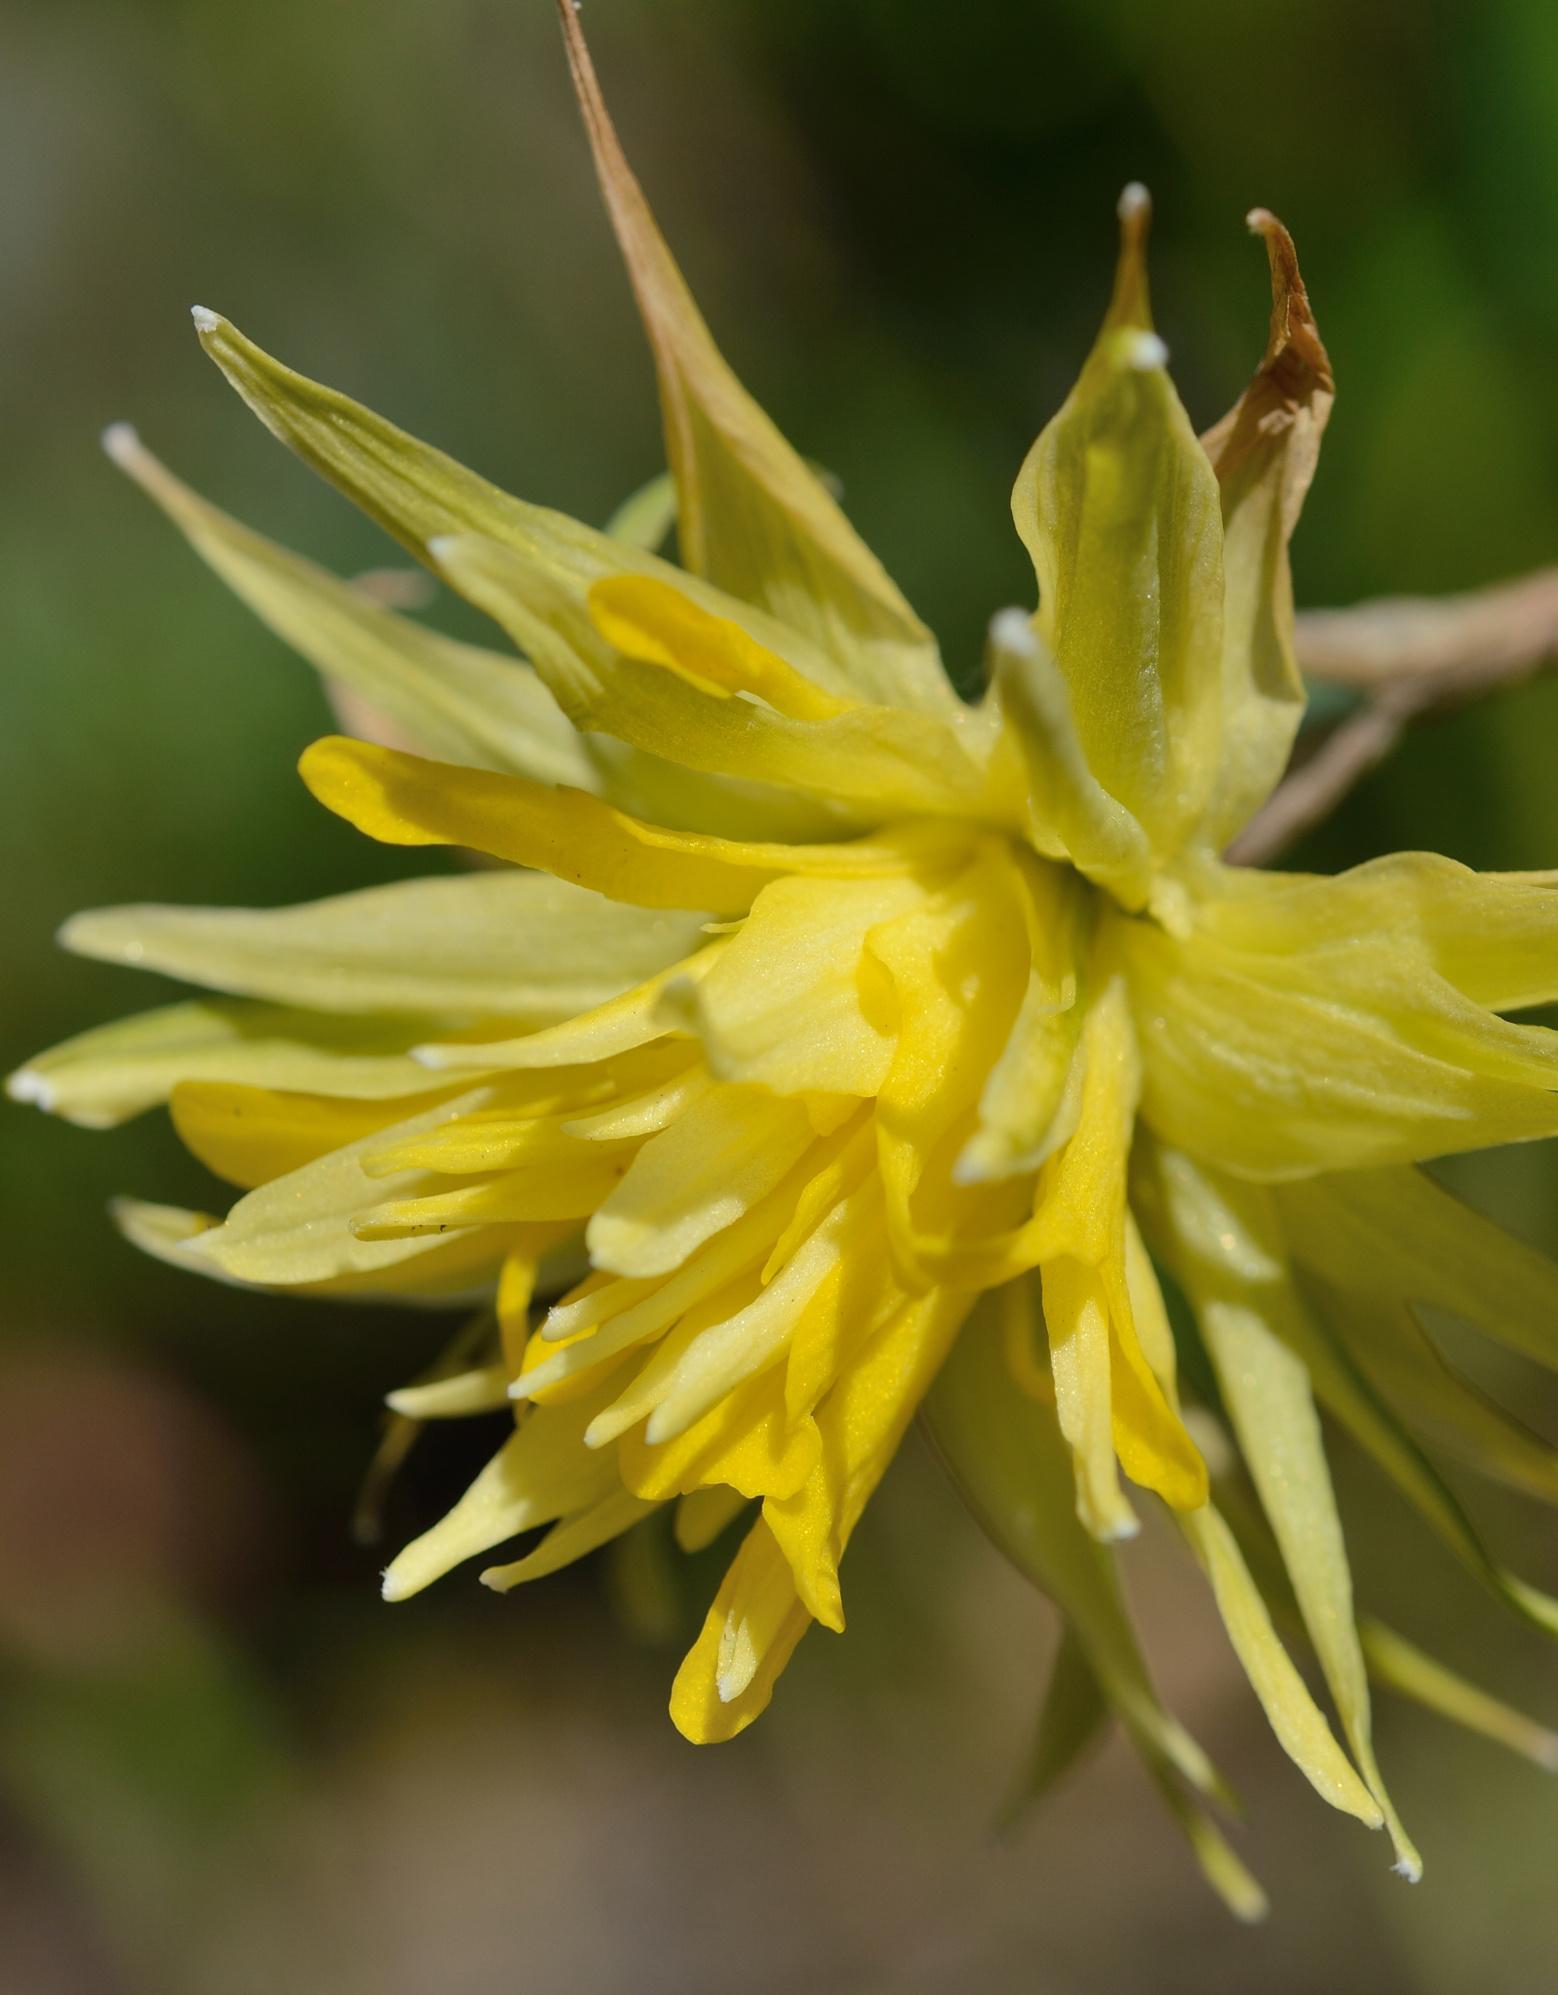 Narcis  Narcissus 'Rip van Winkle'